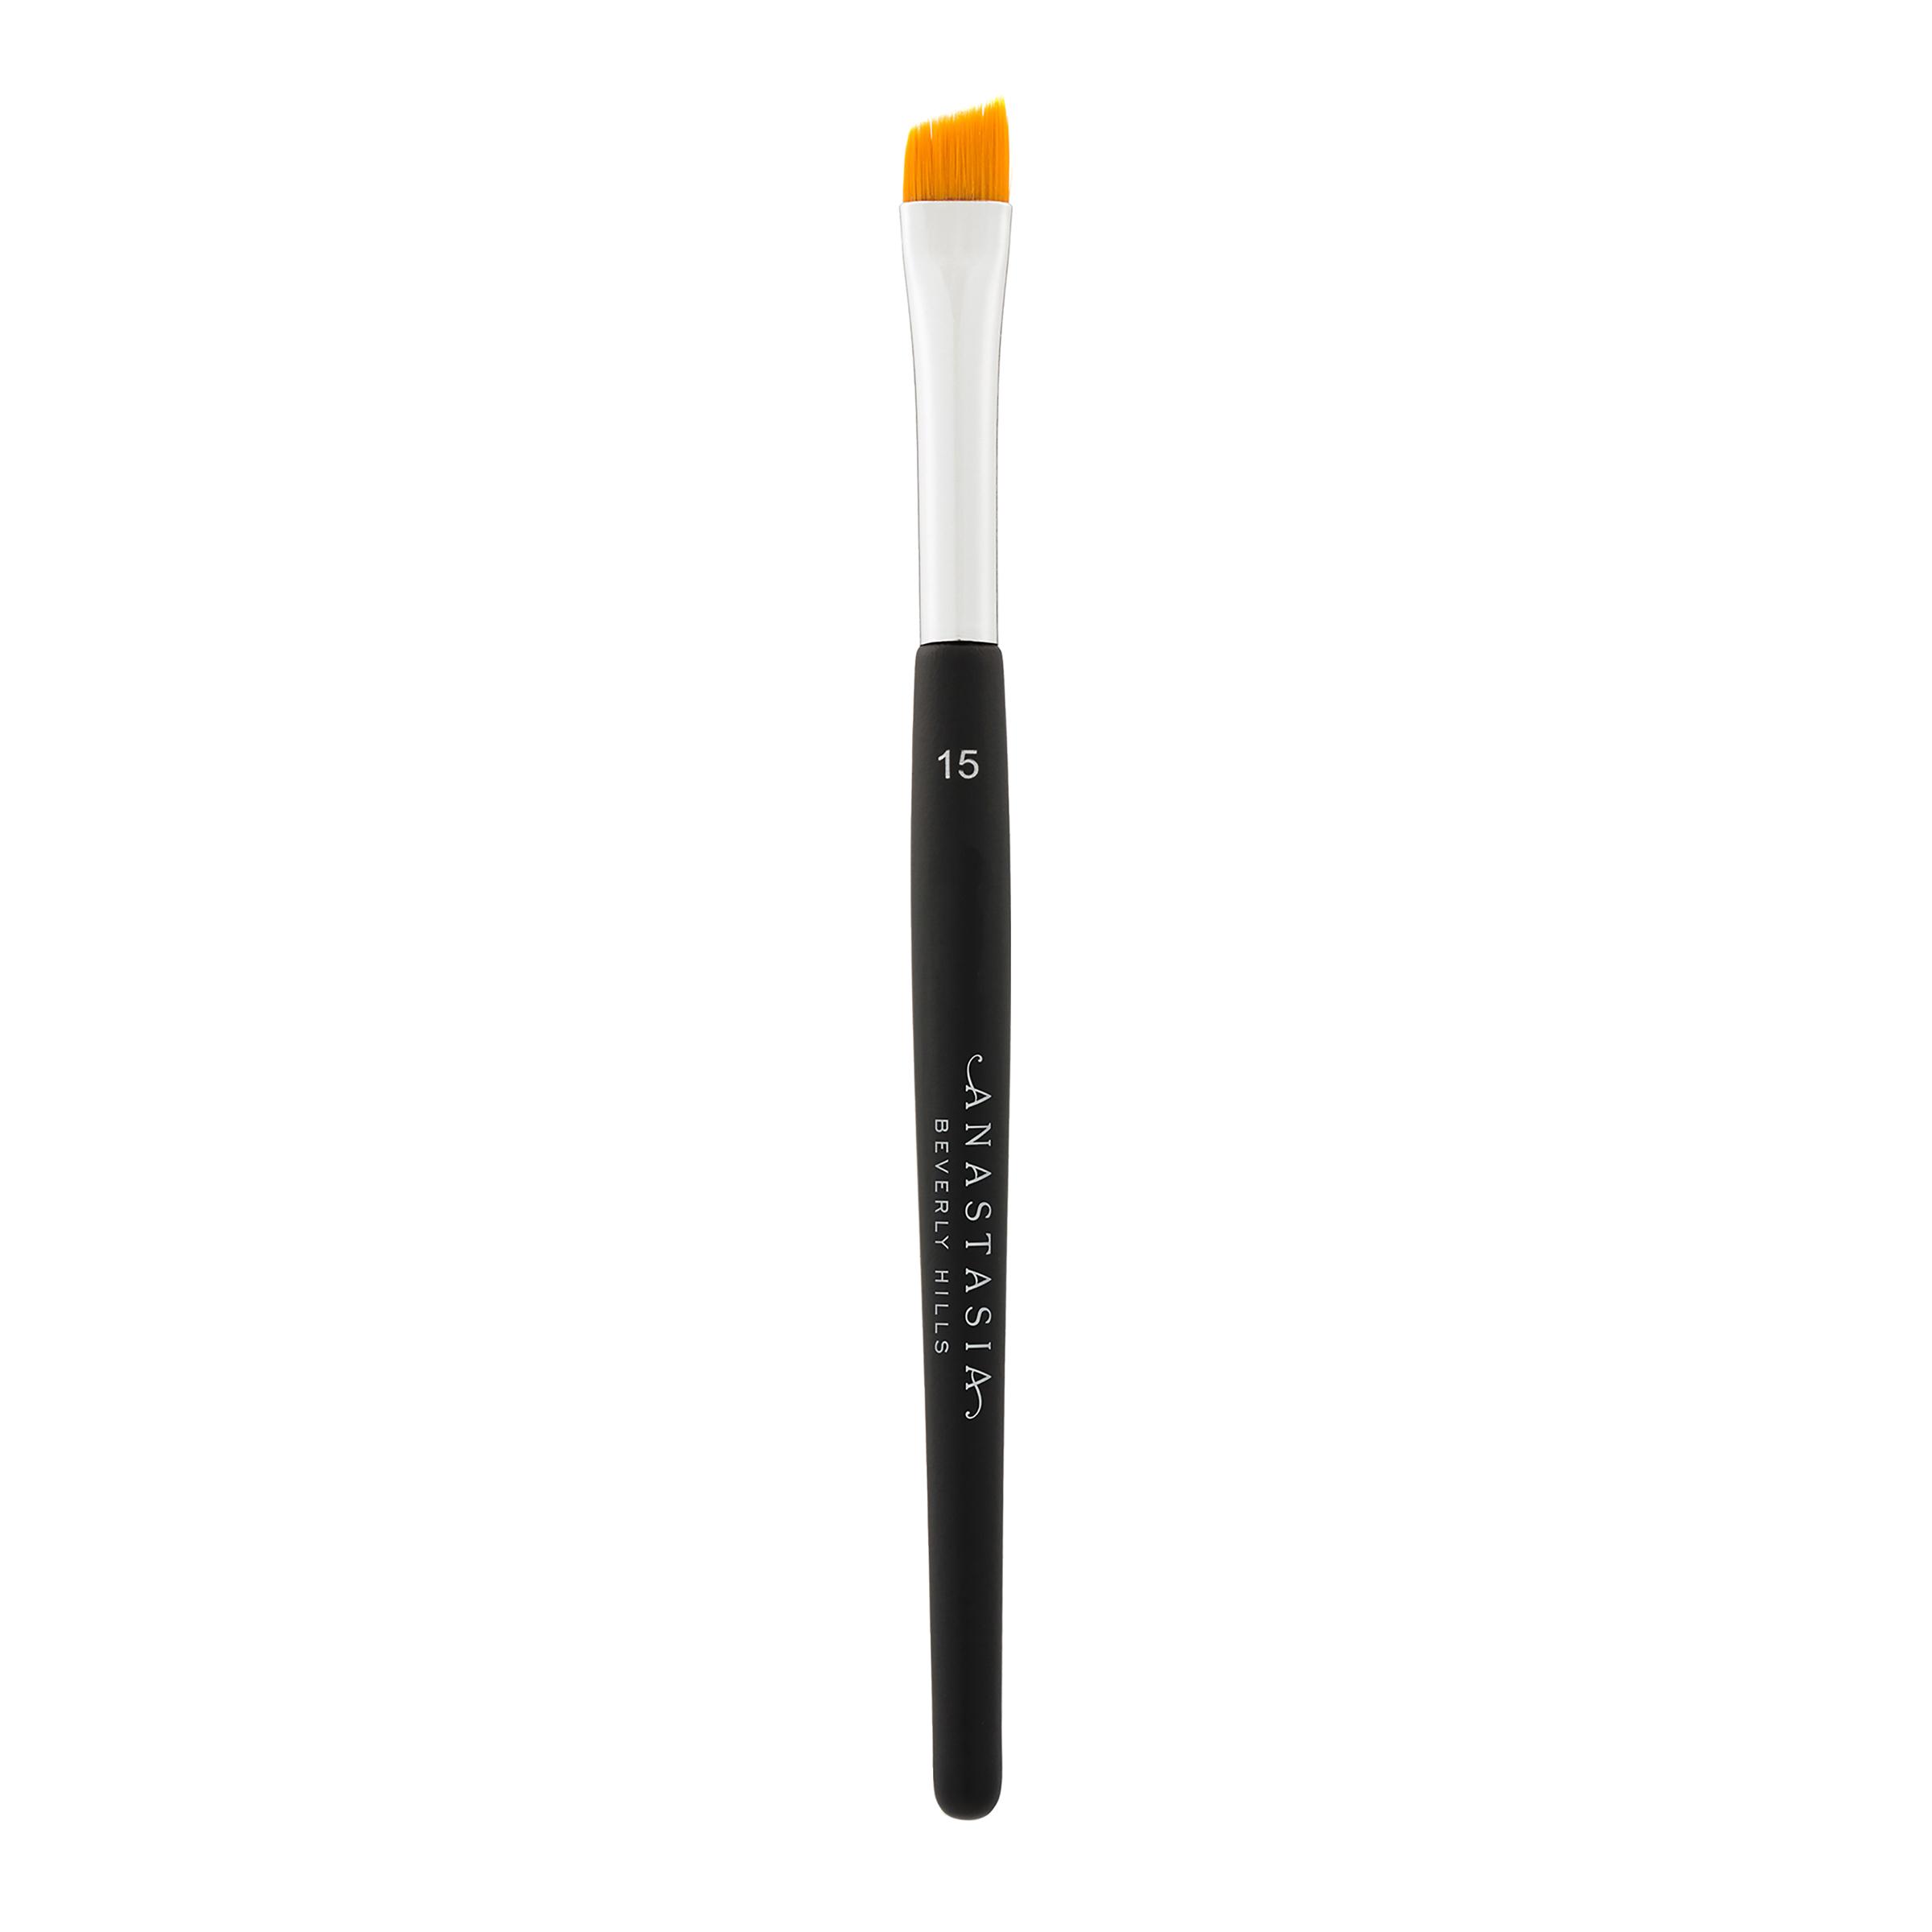 Bilde av Angled Cut Brush Small #15